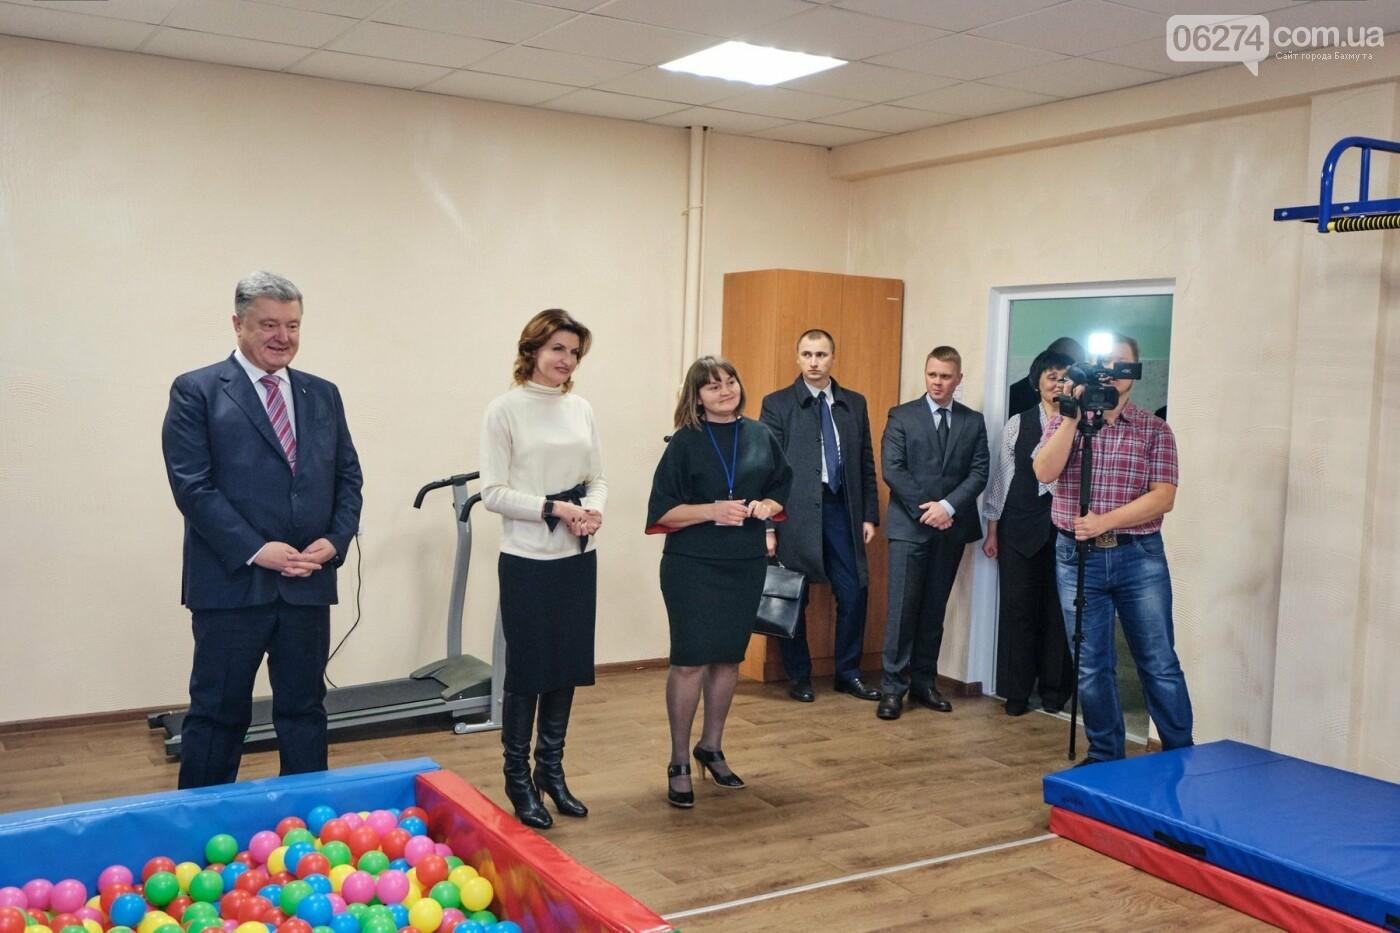 Президент Украины Петр Порошенко посетил Бахмут (ДОБАВЛЕНО ФОТО), фото-14